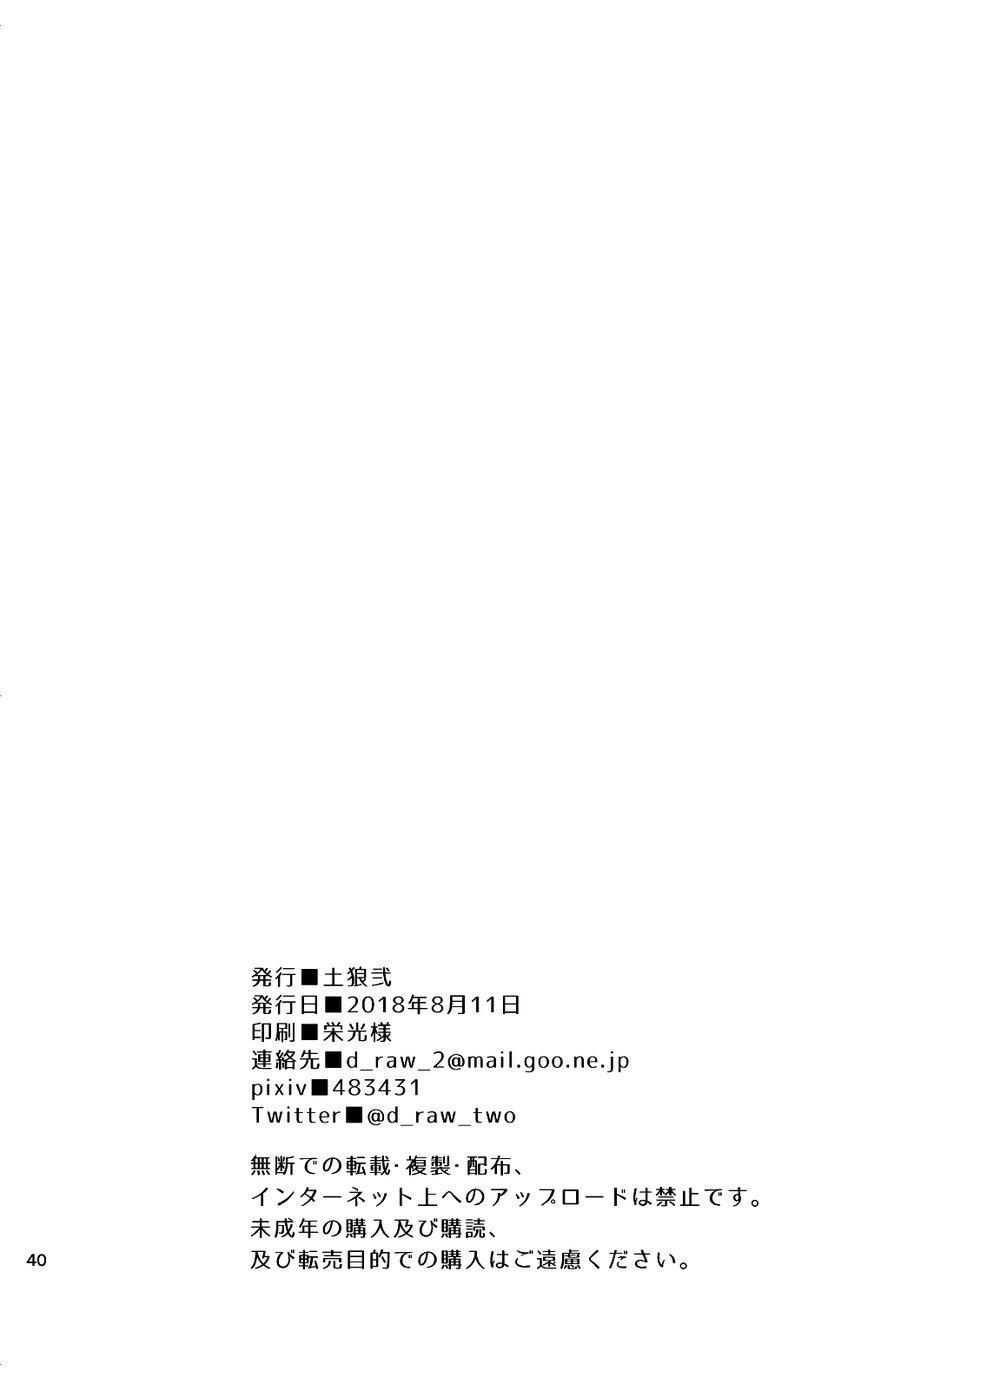 Umi no Otoko 40